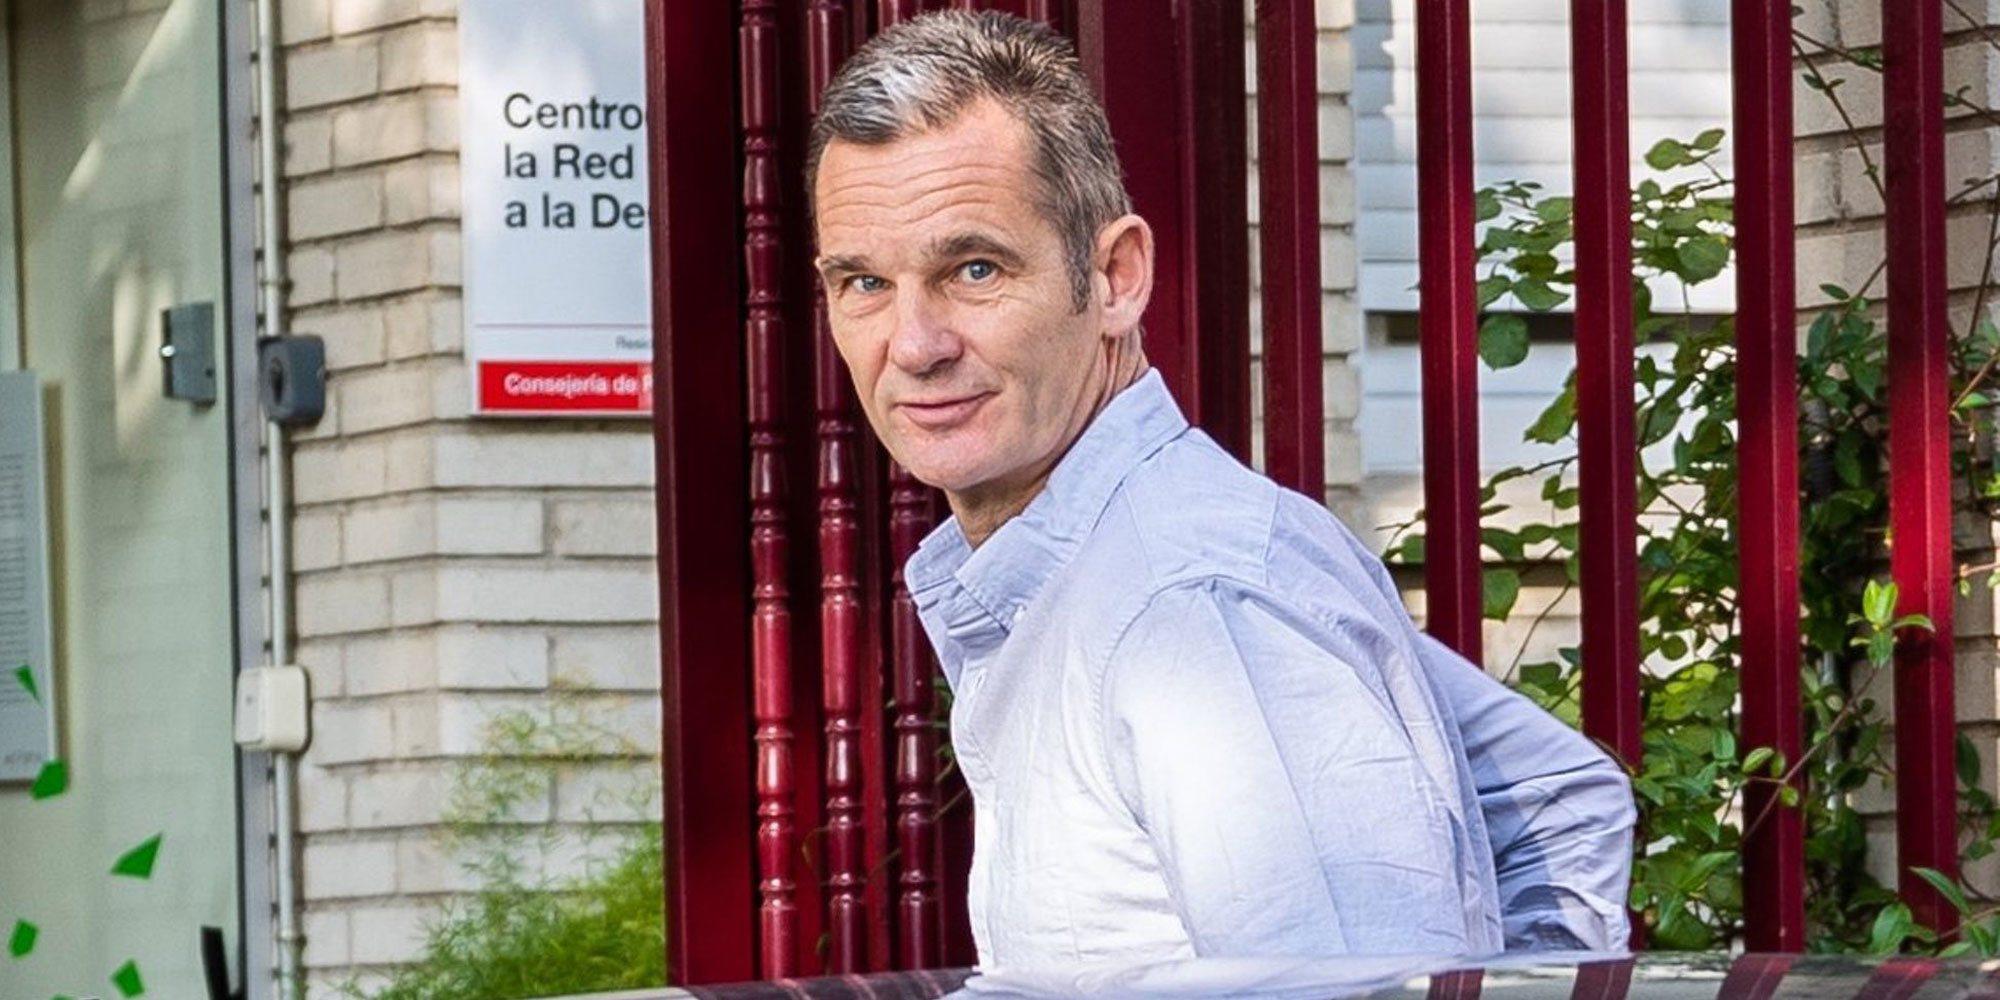 Iñaki Urdangarin: de su nuevo trabajo en Vitoria a su extraña despedida en Hogar Don Orione